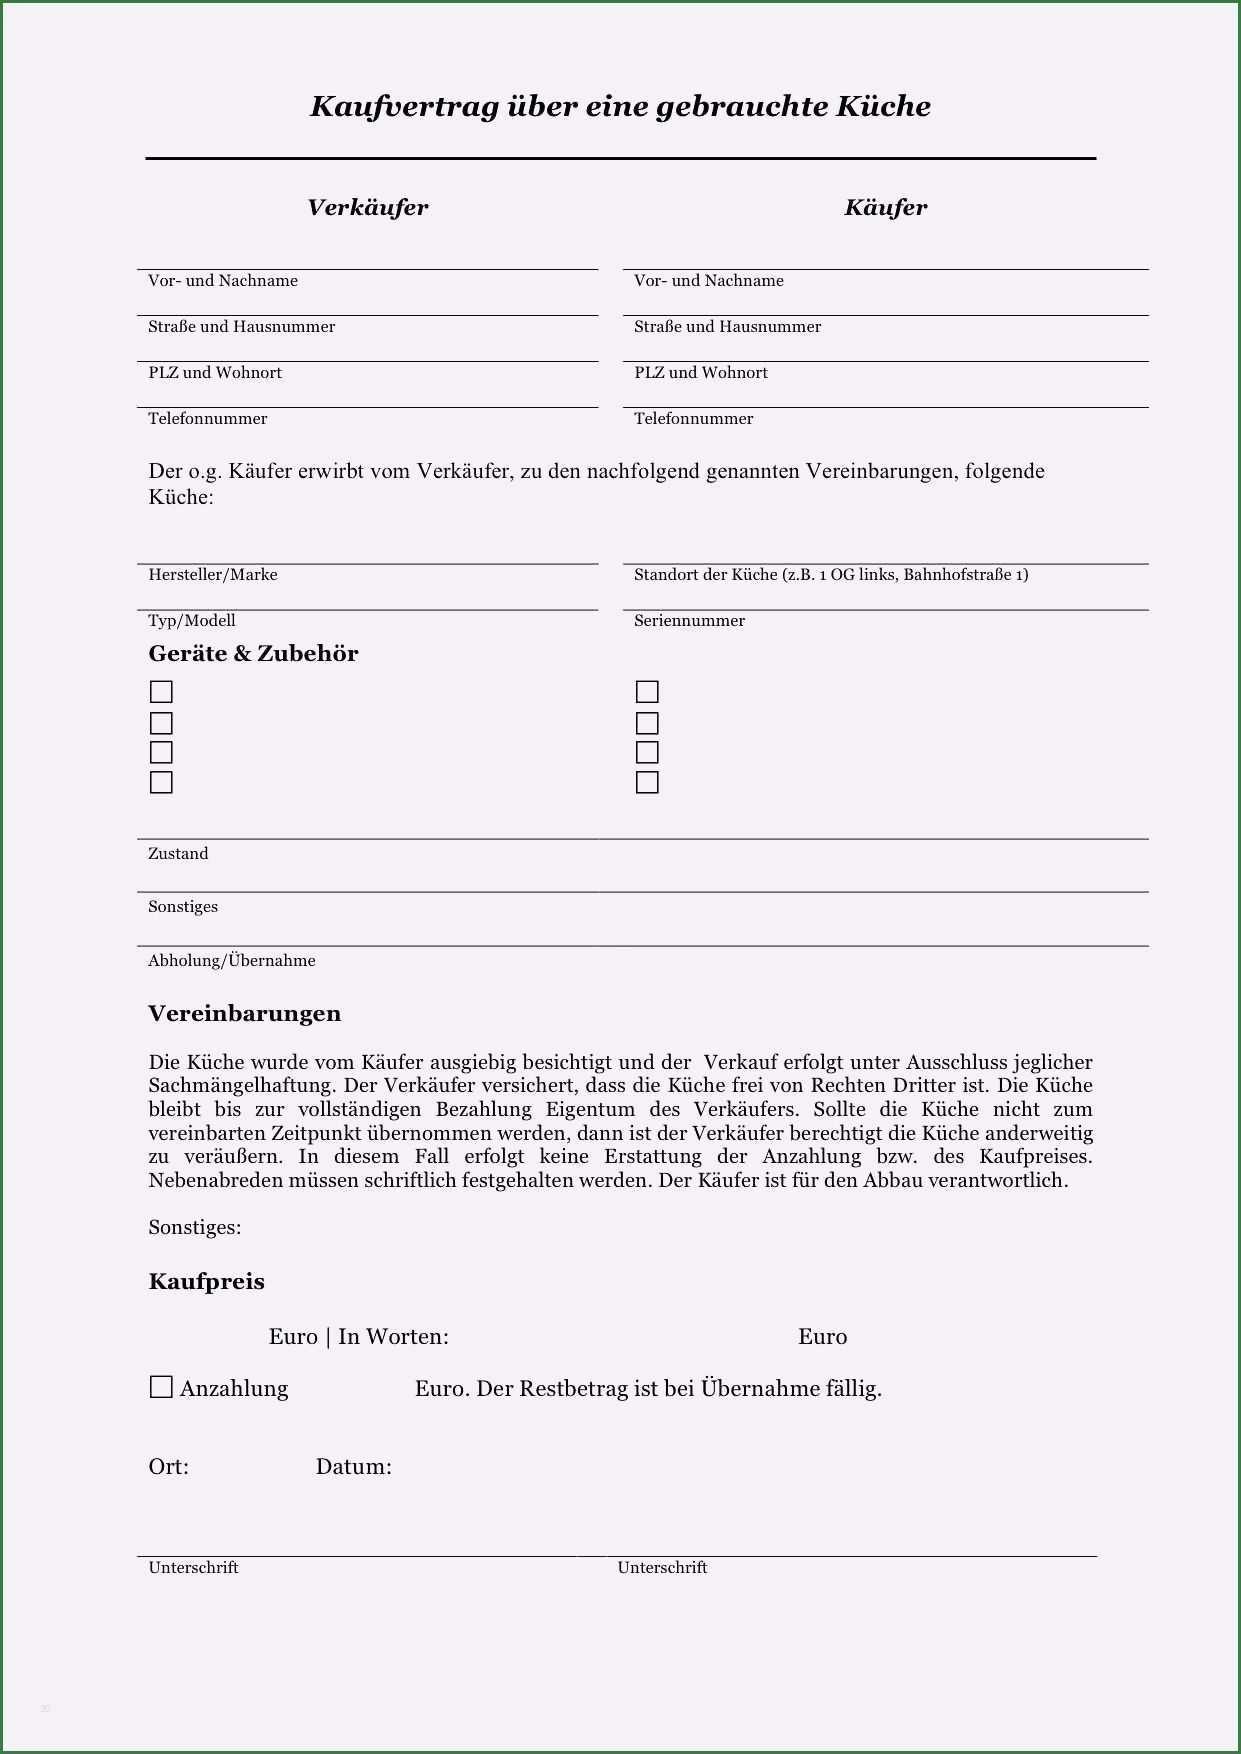 19 Ehrfurcht Spirituell Wohnung Ablose Vertrag Vorlage Kaufvertrag Wolle Kaufen Kaufvertrag Vorlage